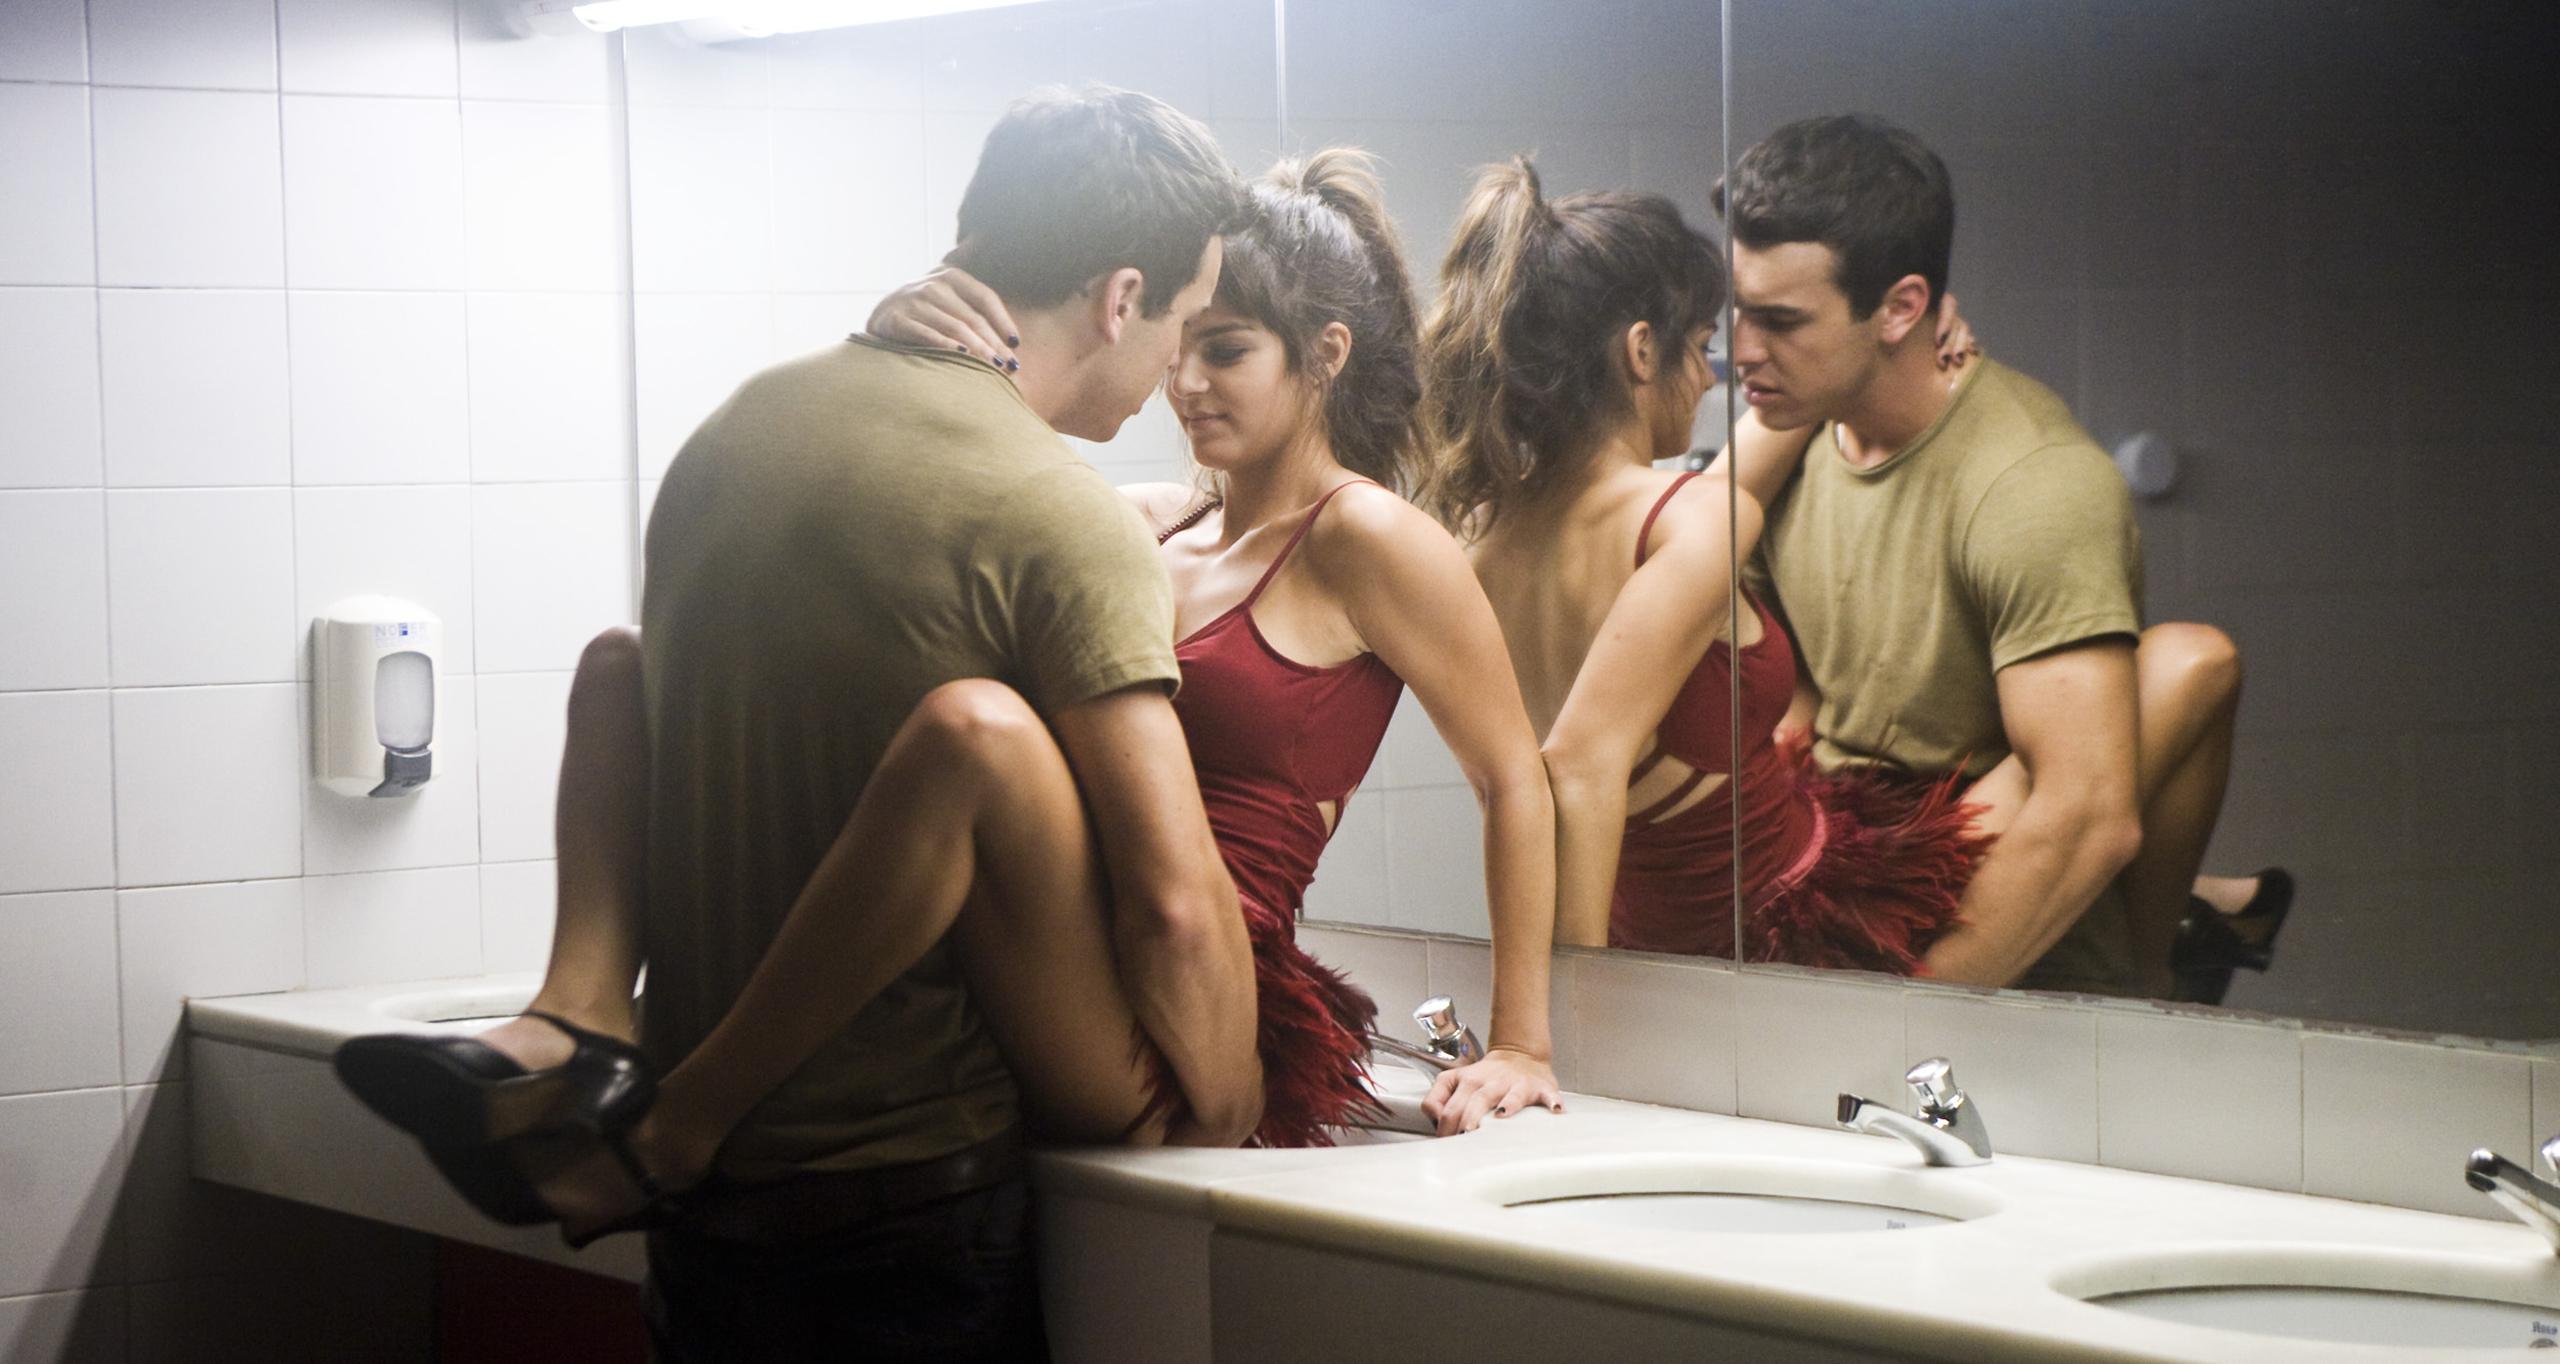 Смотреть русскую эротику про измены, Порно видео онлайн: РусскоеИзмена 7 фотография